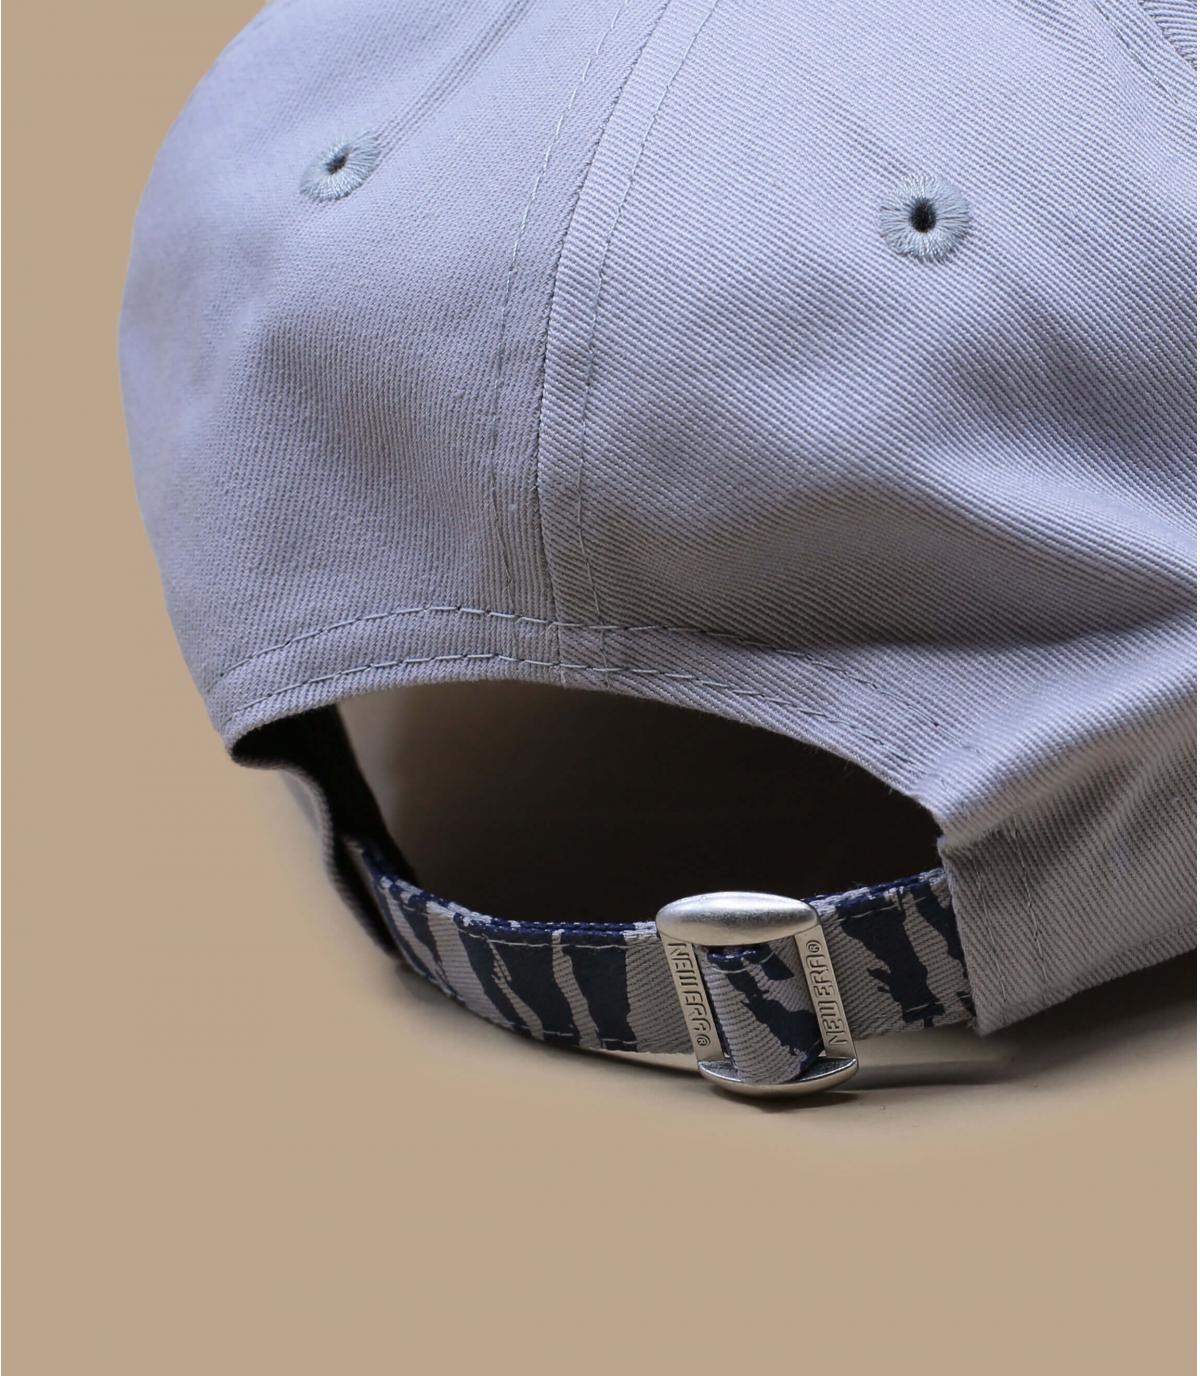 Details Infill 940 NY gray - Abbildung 4